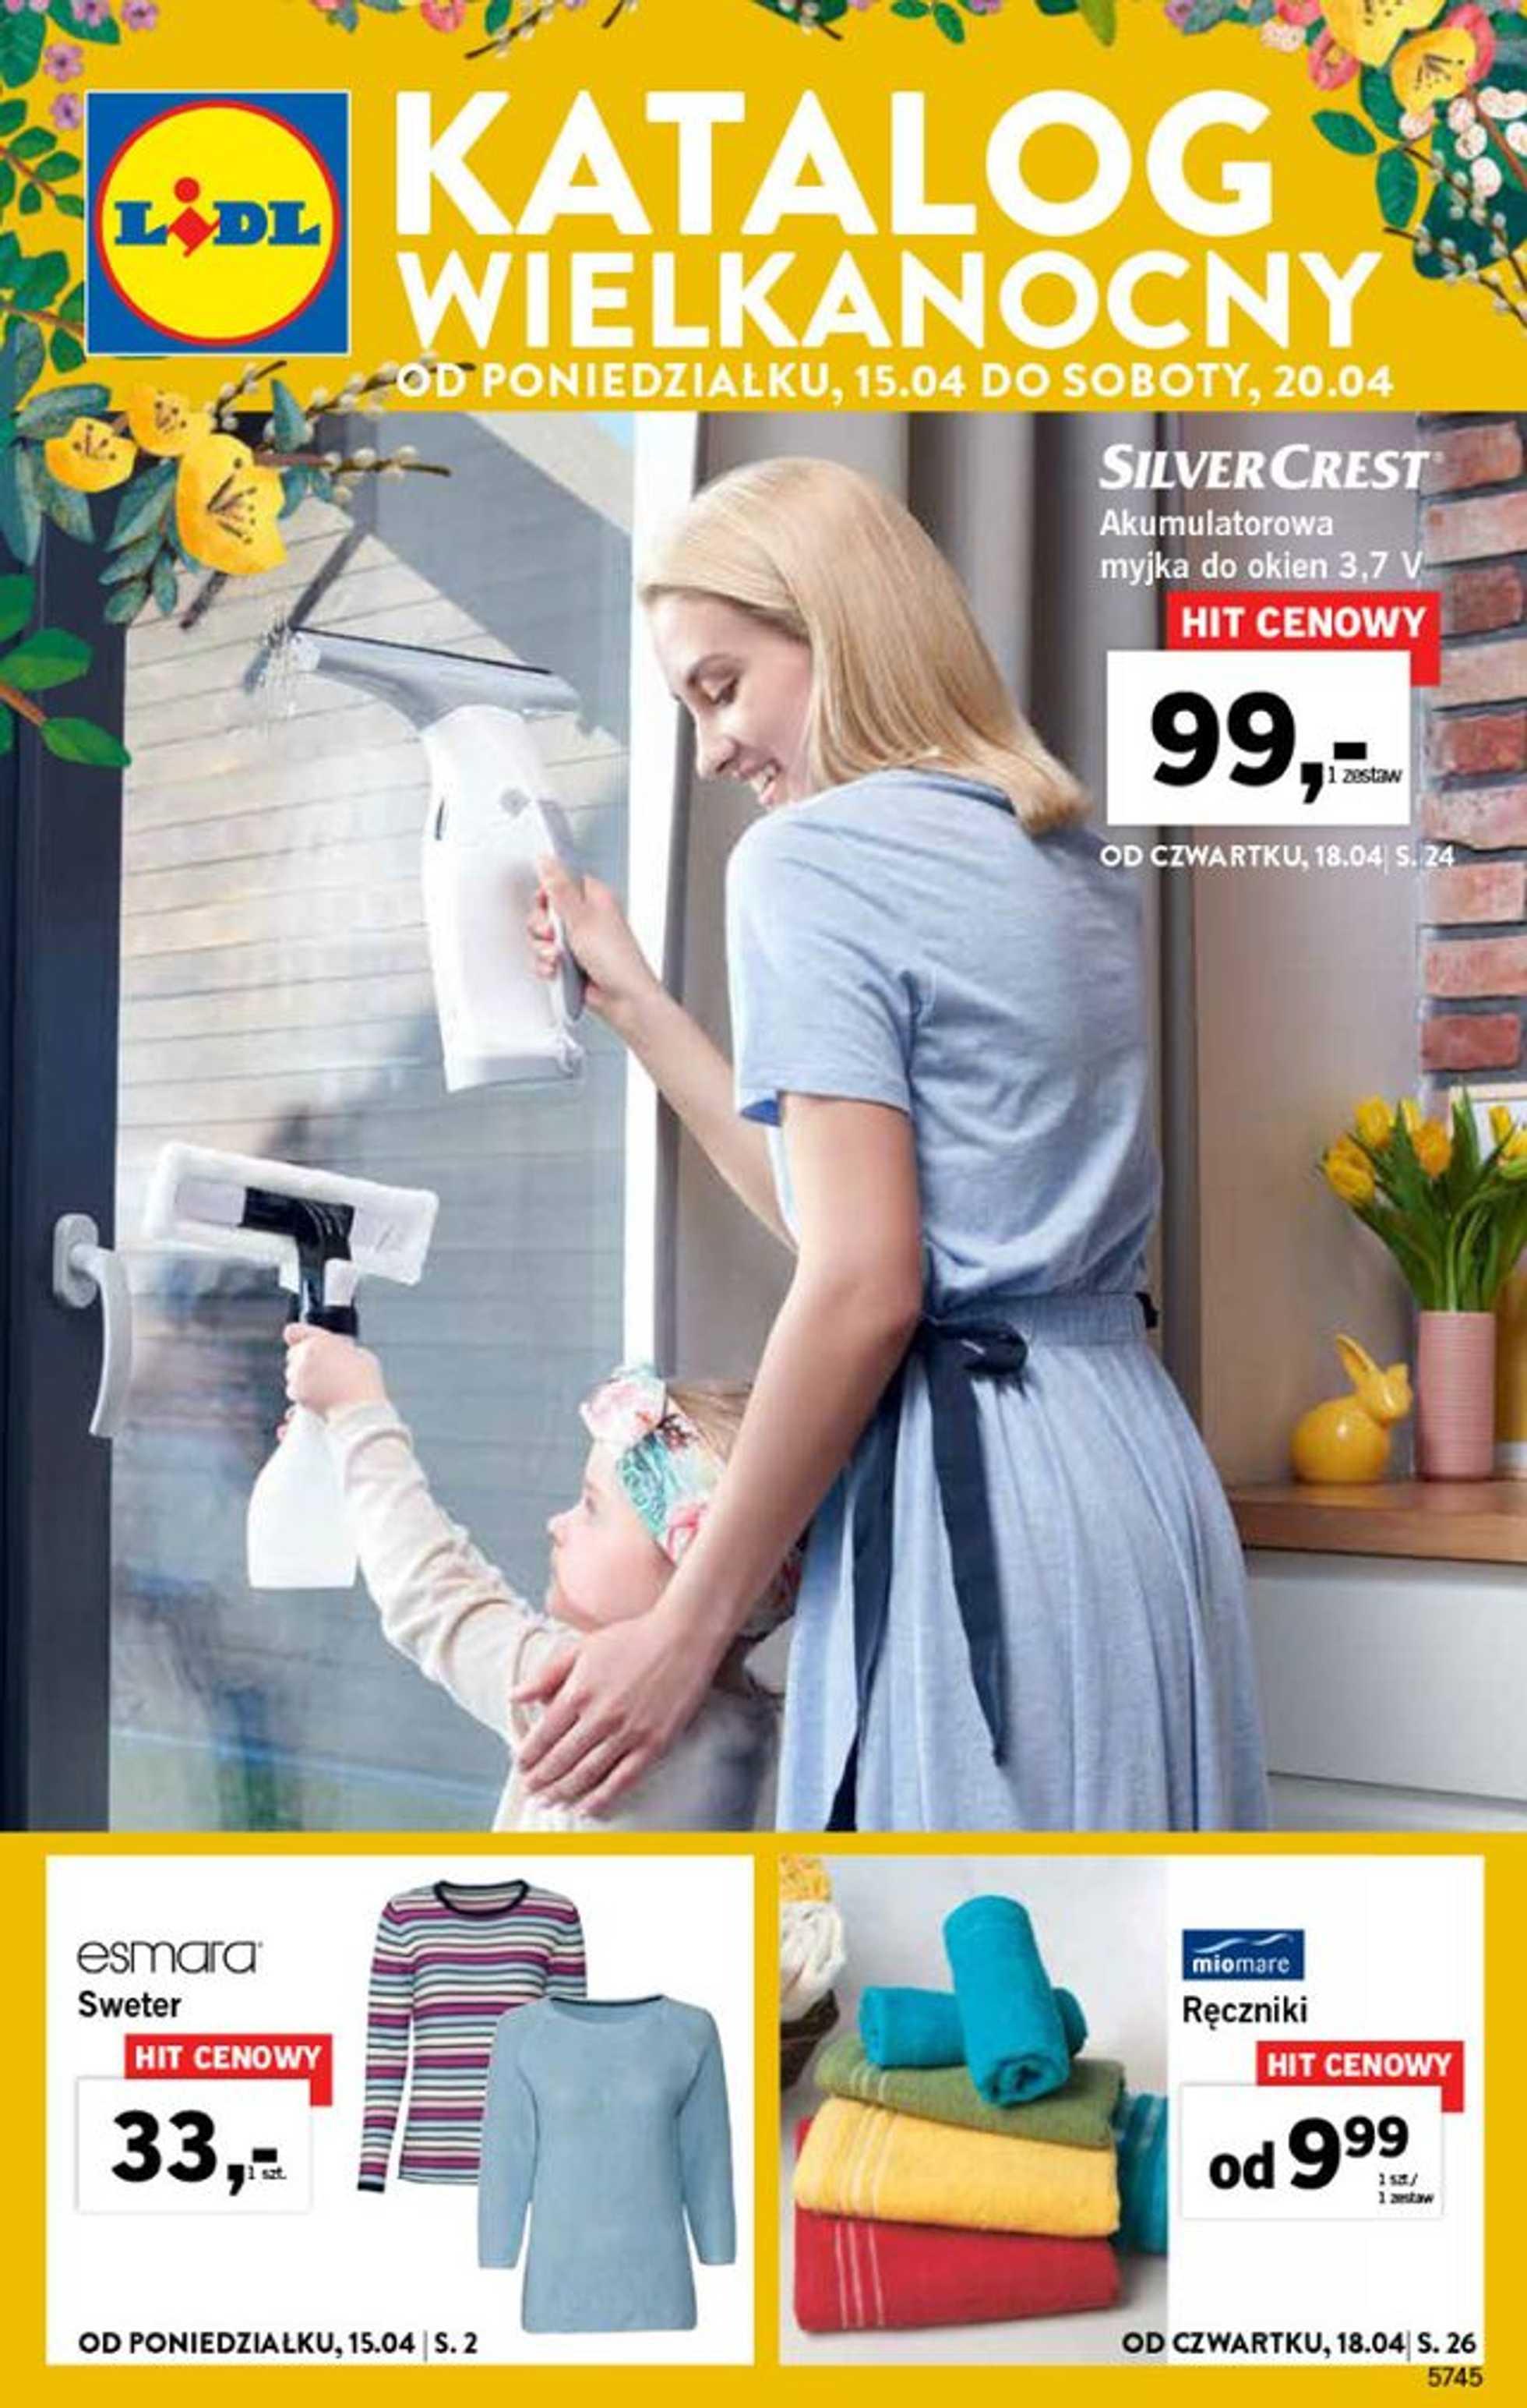 Lidl - gazetka promocyjna ważna od 15.04.2019 do 20.04.2019 - strona 1.